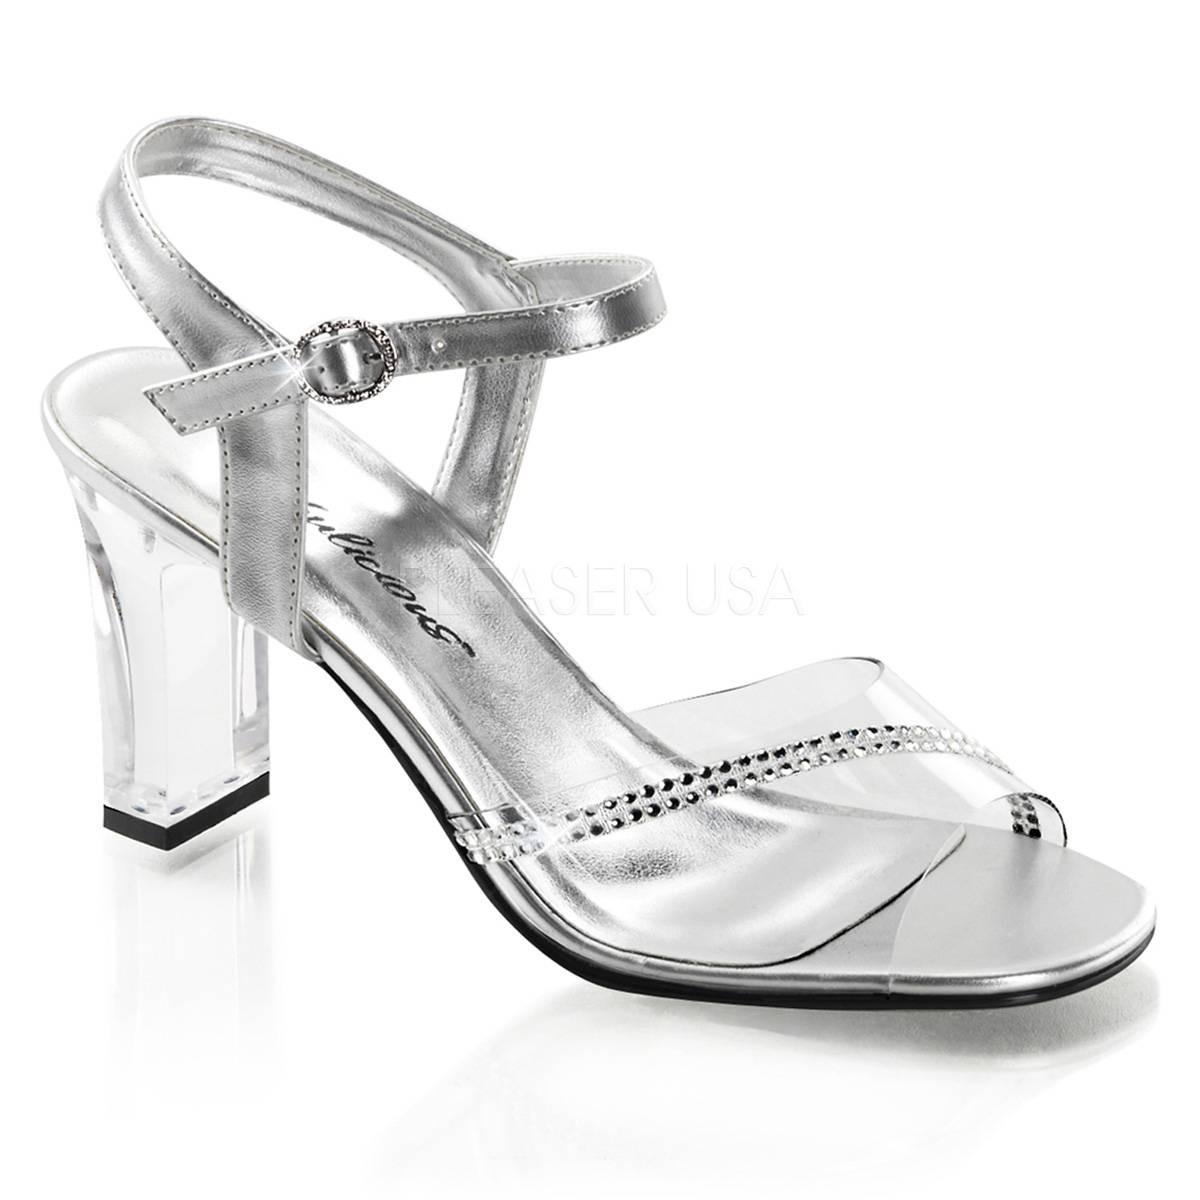 Sandalen - ROMANCE 308R ° Damen Sandalette ° Silber Matt ° Fabulicious  - Onlineshop RedSixty